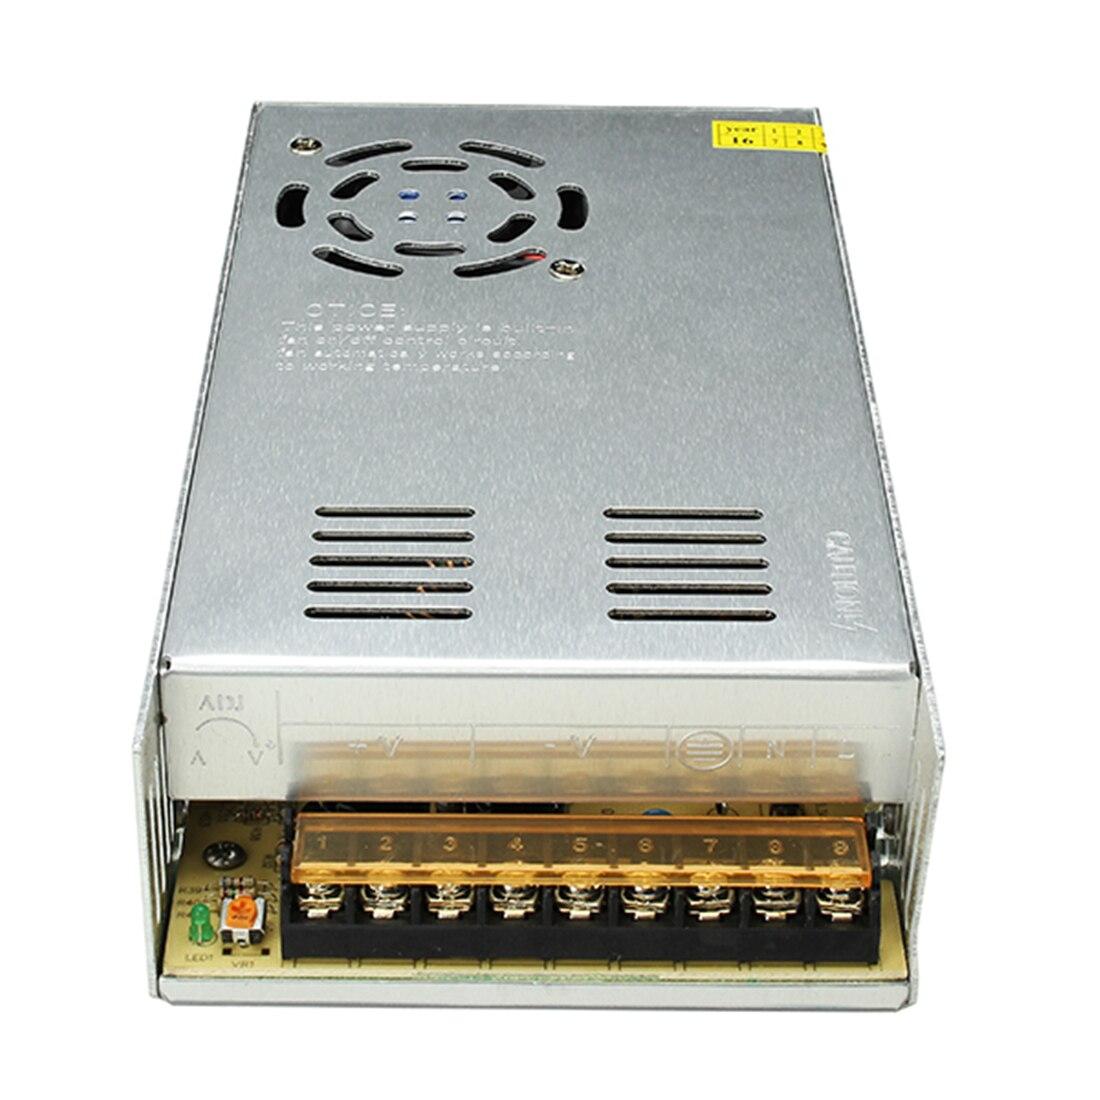 AC 110 220 В к DC 12 В 29A 350 Вт драйвер переключатель питания трансформатор для светодиодной полосы света